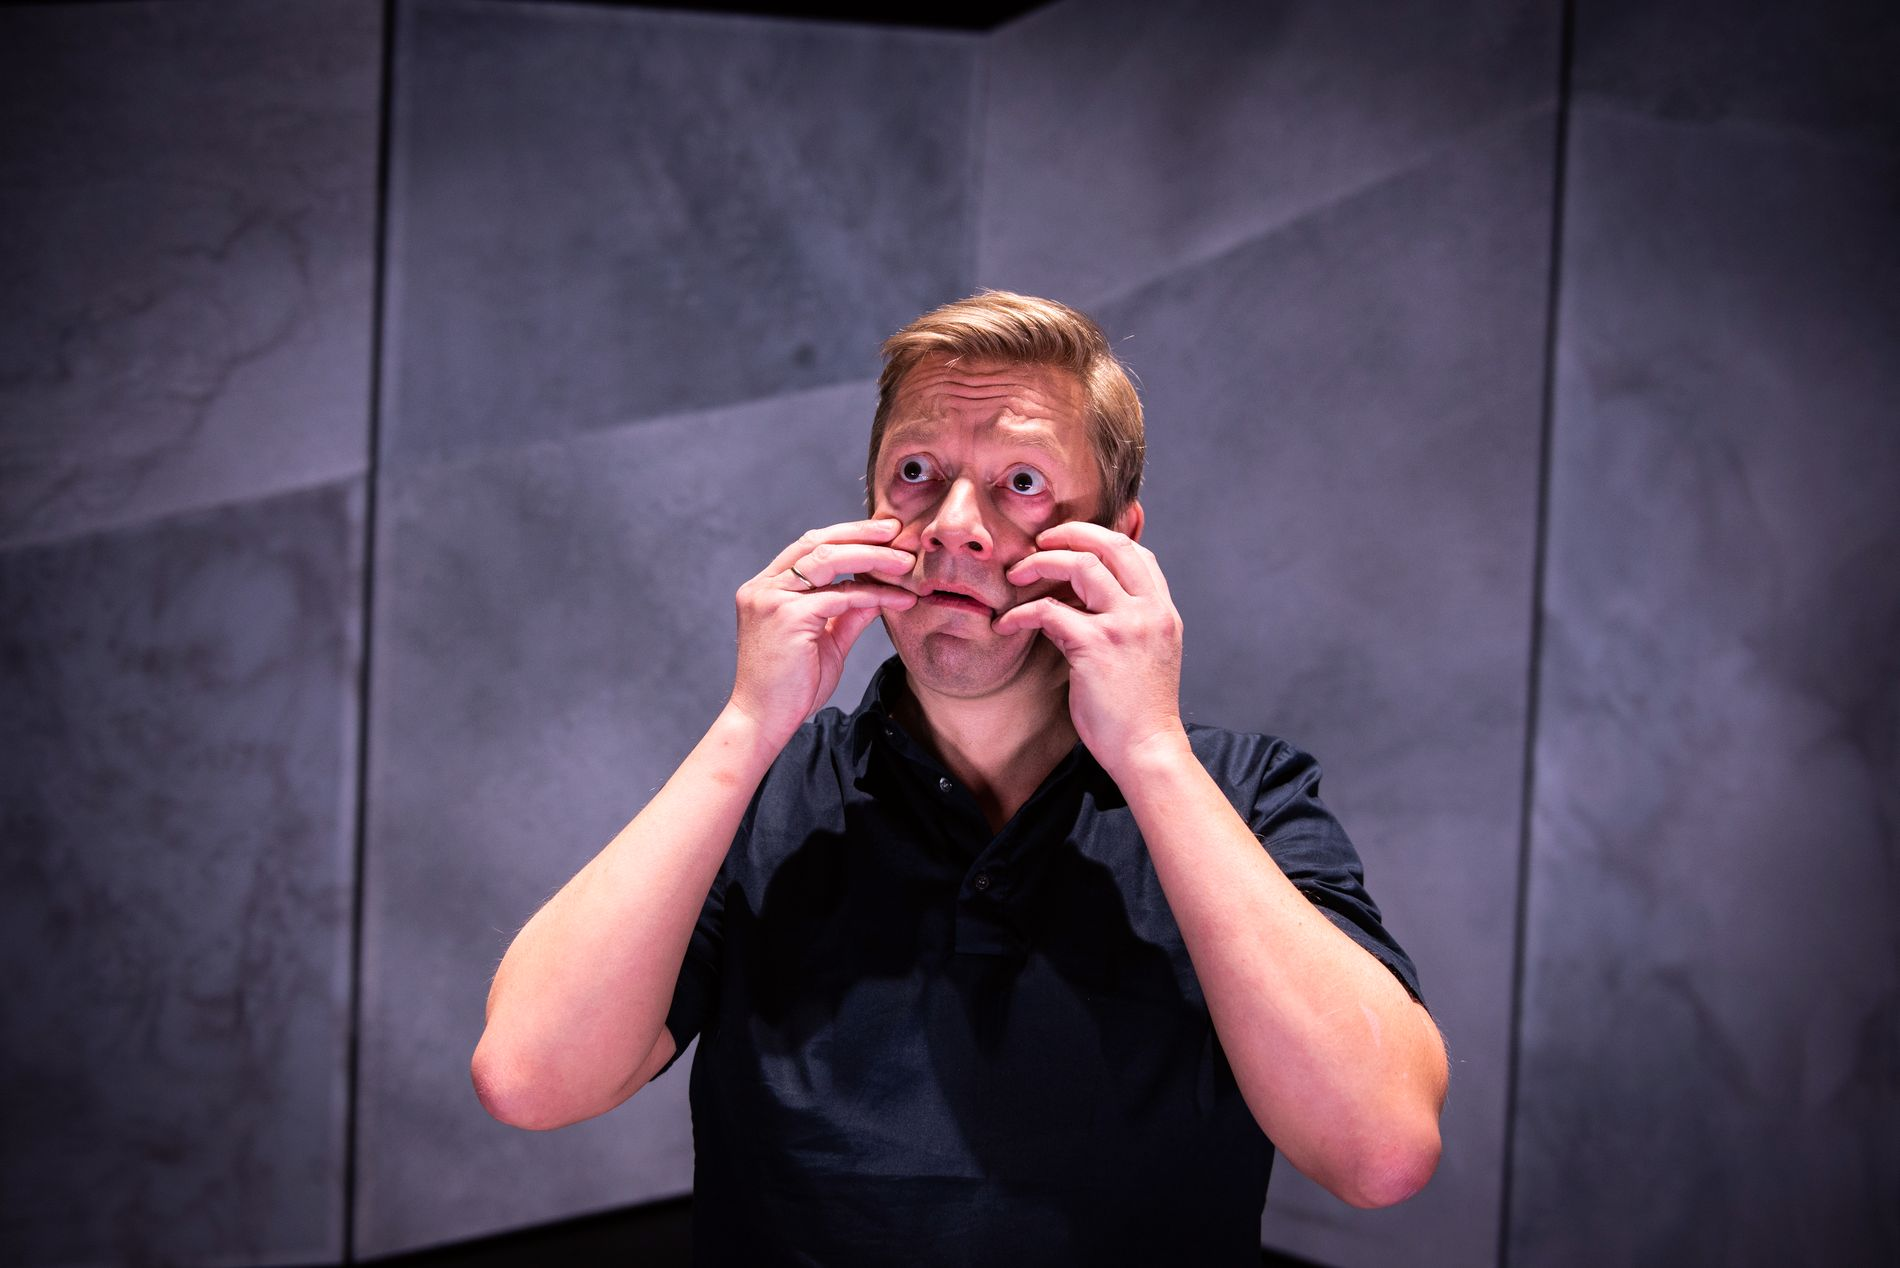 ANGSTENS ANSIKT: Bjarte Tjøstheim leverer en intim, varm og modig forestilling om angst